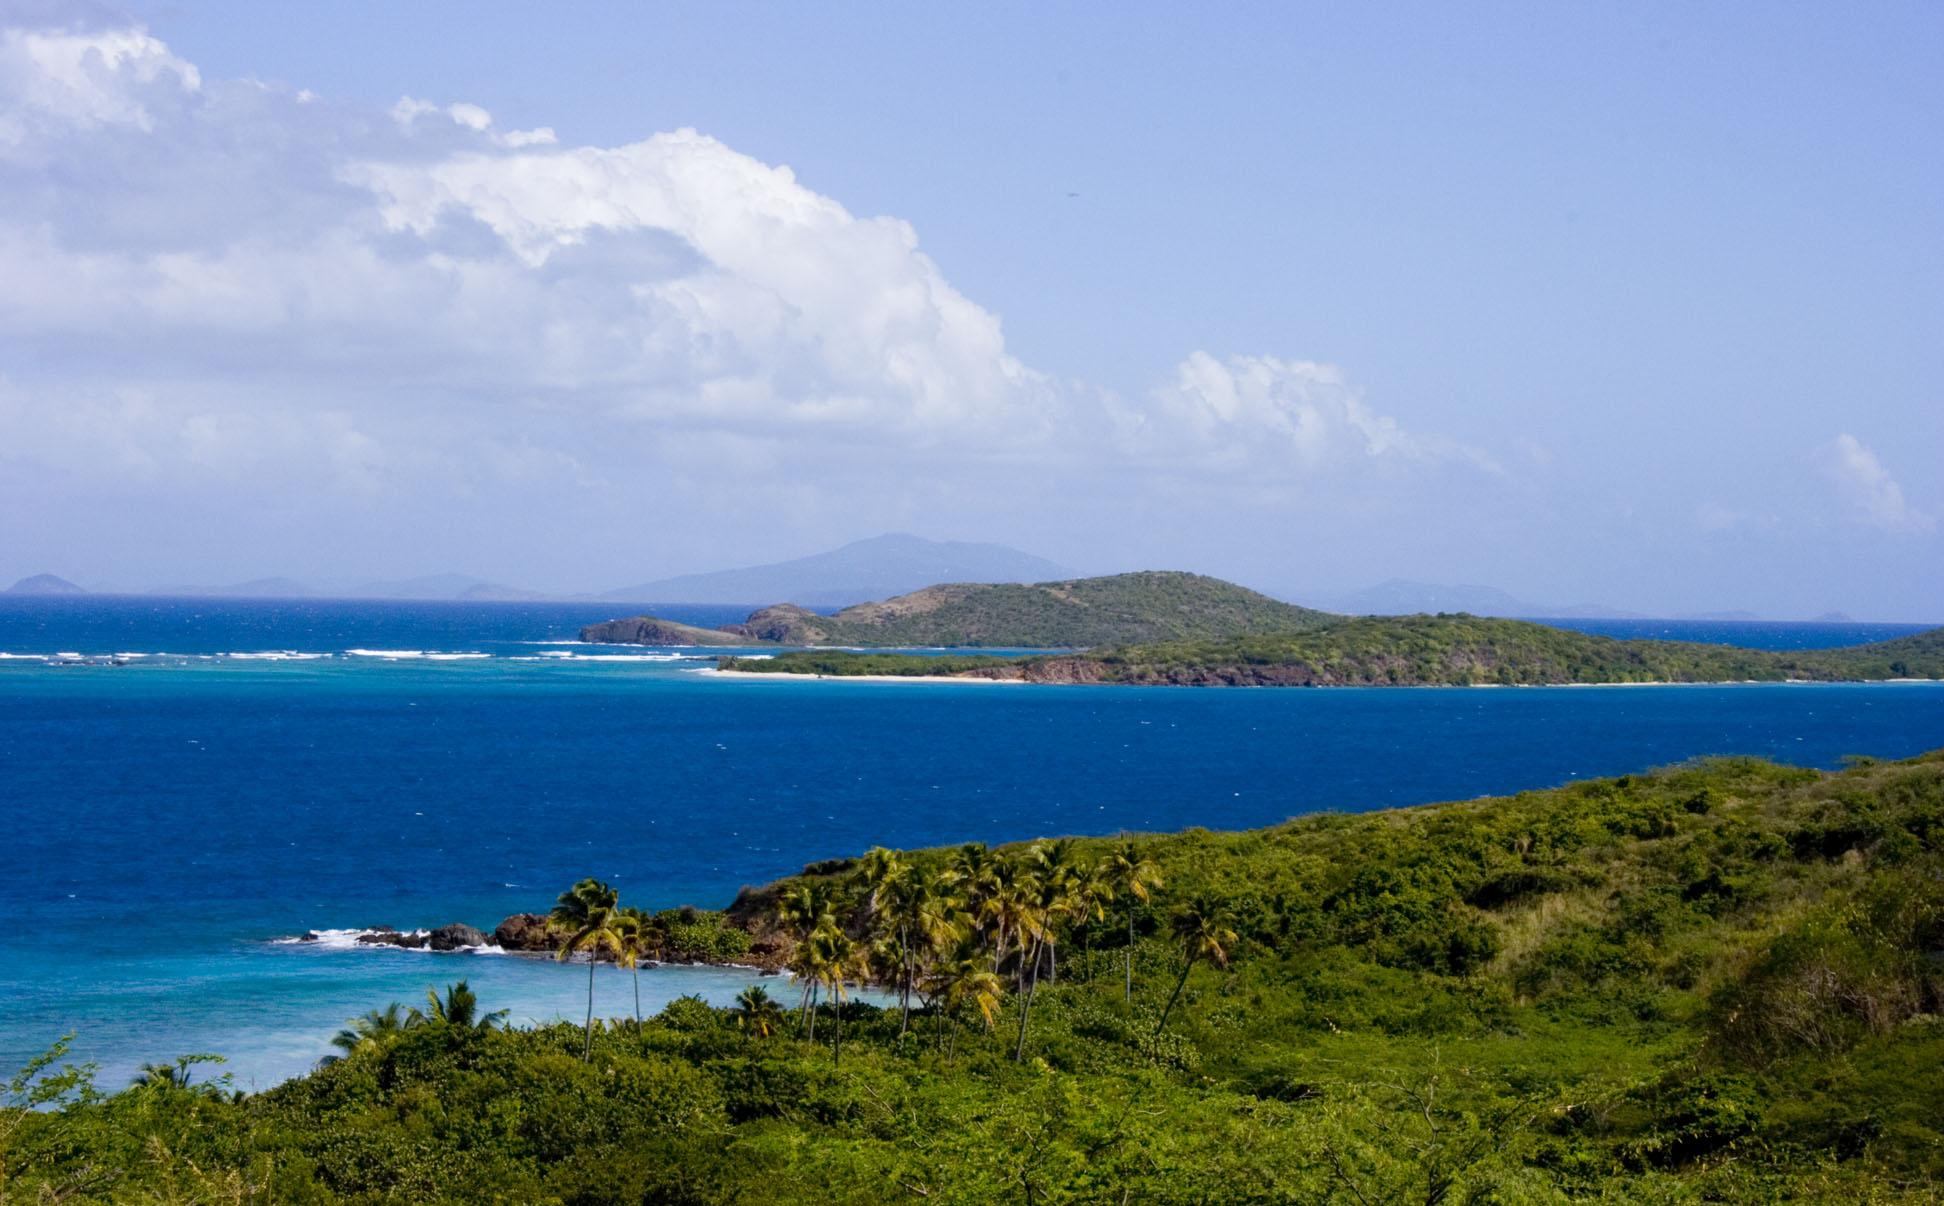 Zoni Beach from the hillside in Culebra